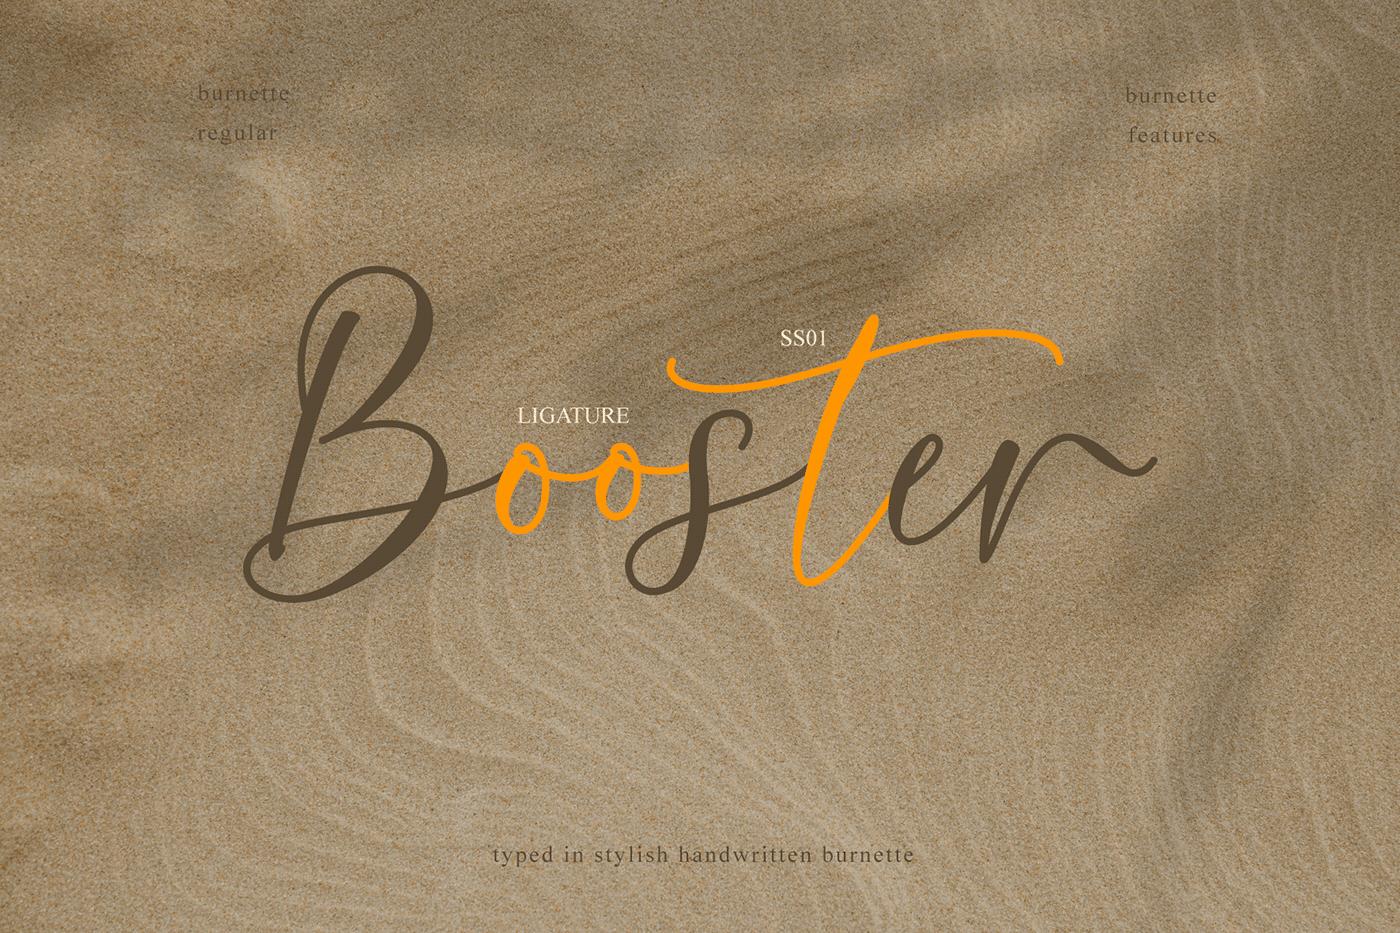 时尚优雅标题徽标Logo手写英文字体素材 Burnette Font插图7